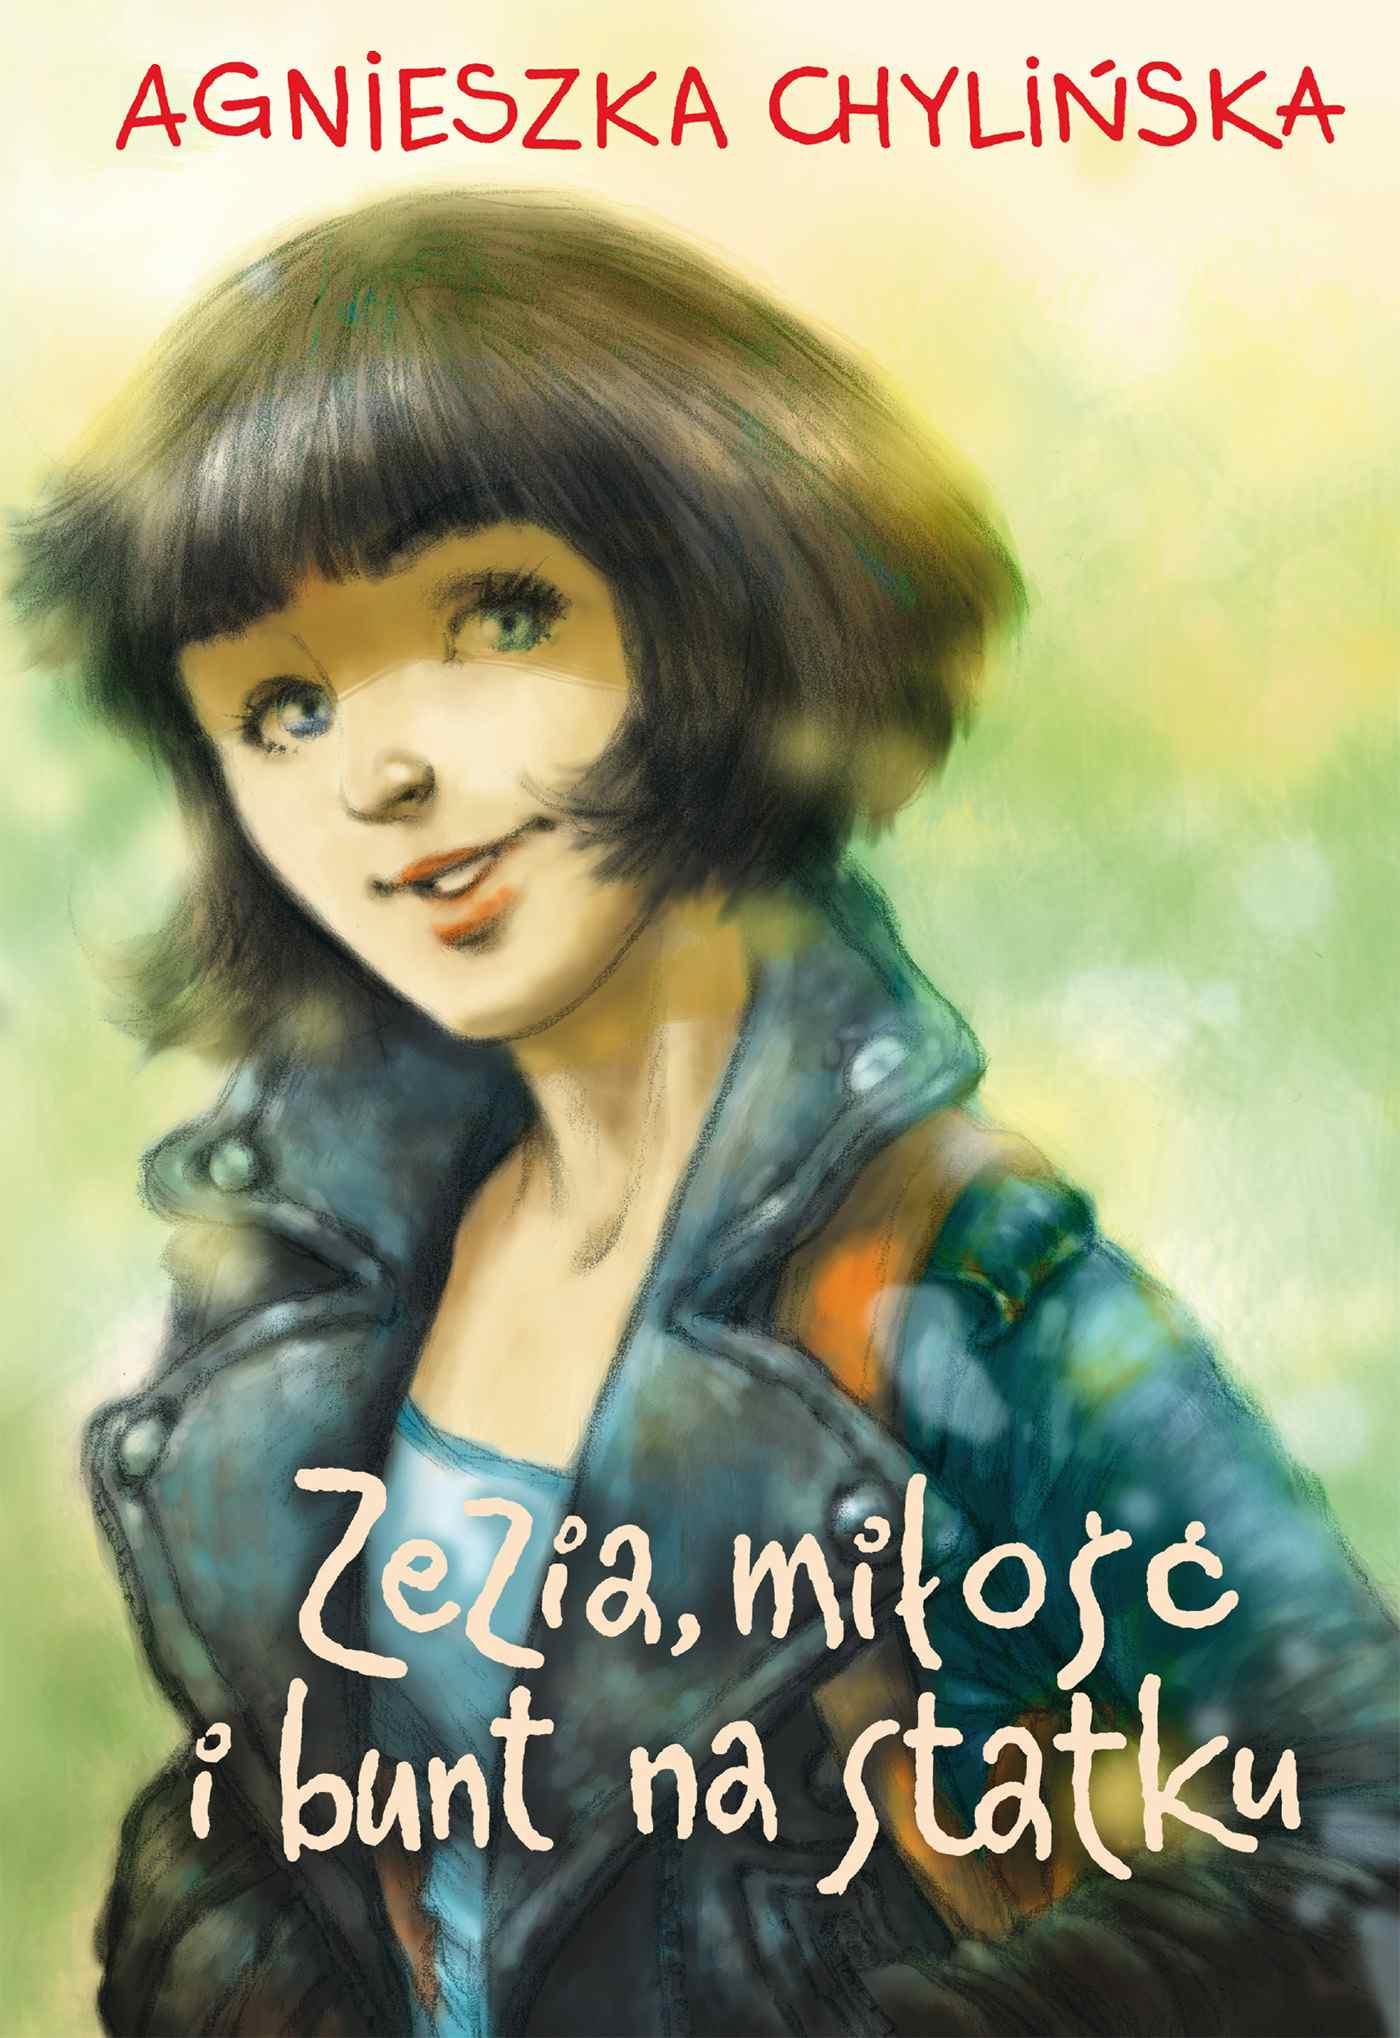 Zezia, miłość i bunt na statku - Ebook (Książka na Kindle) do pobrania w formacie MOBI